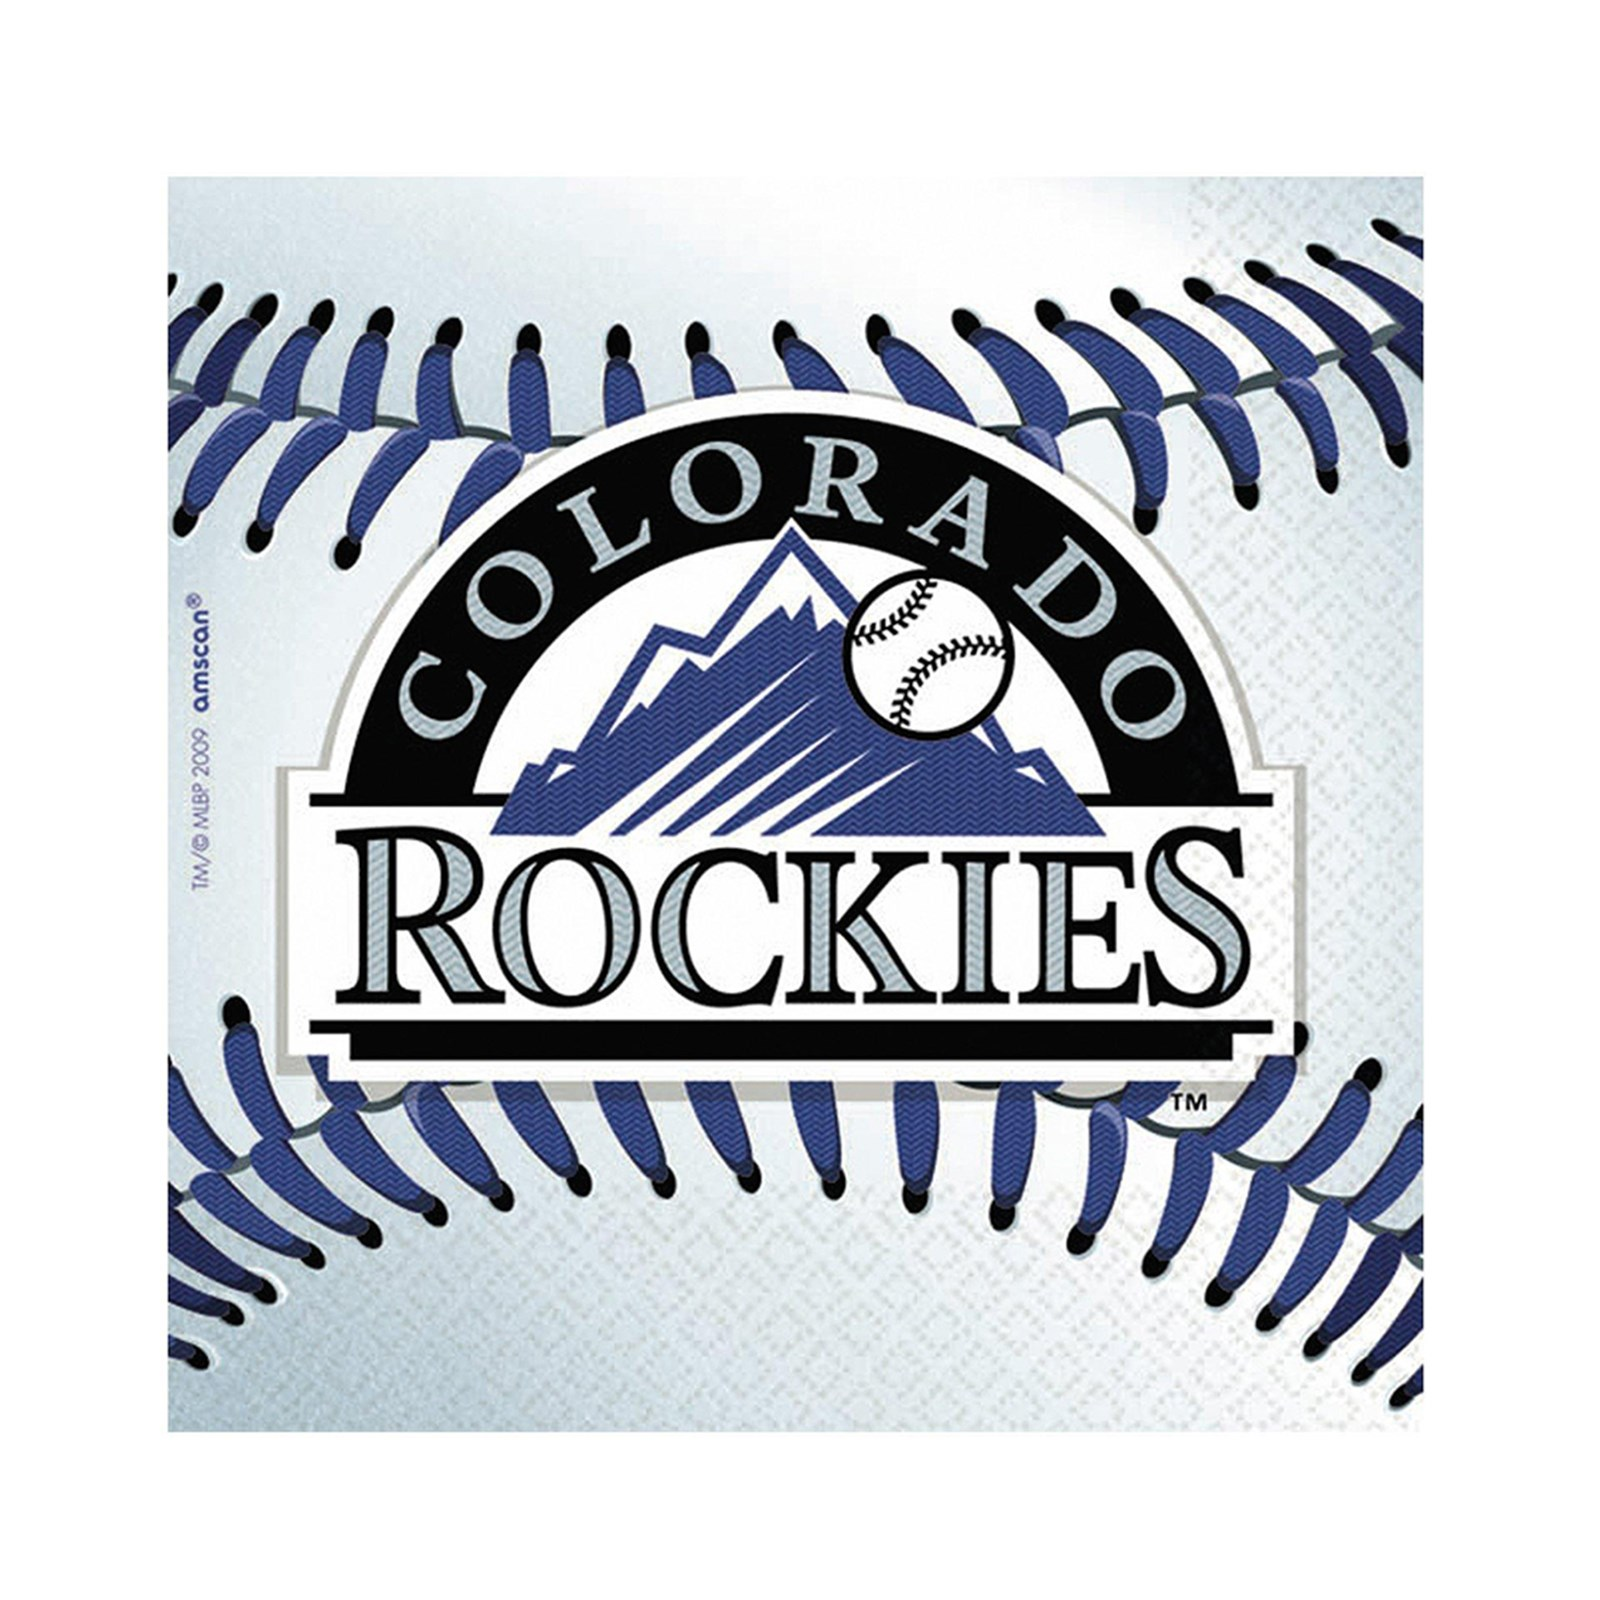 Colorado Rockies Wallpaper: Coloradorockies